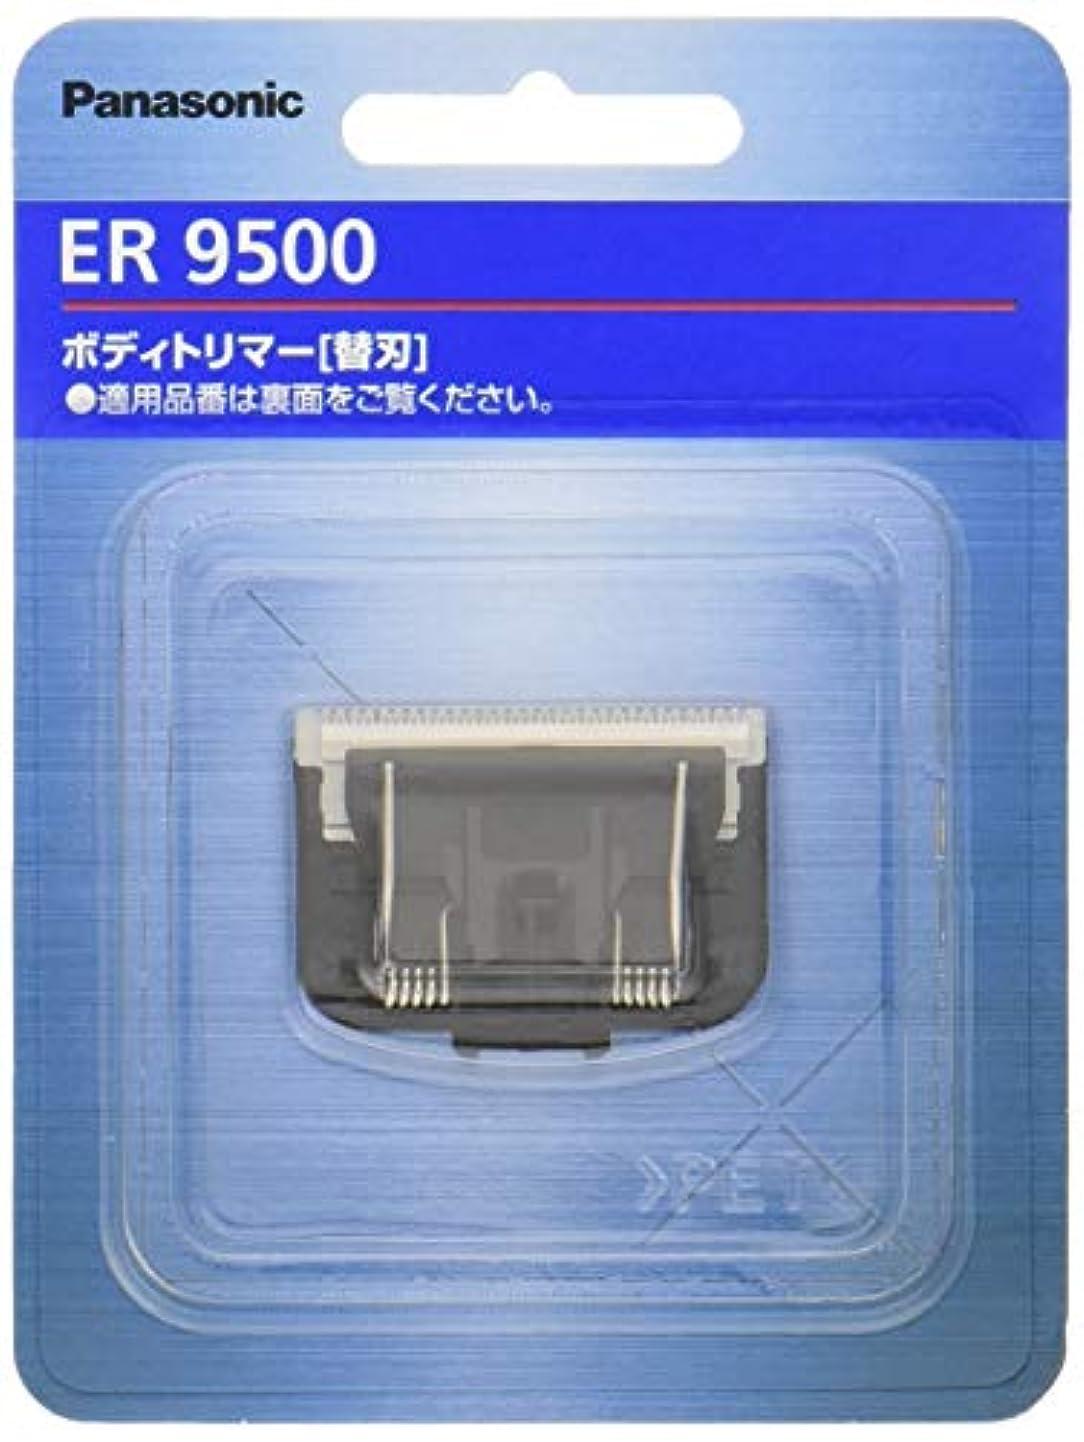 みなさん市区町村取り出すパナソニック 替刃 ボディトリマー用 ER9500